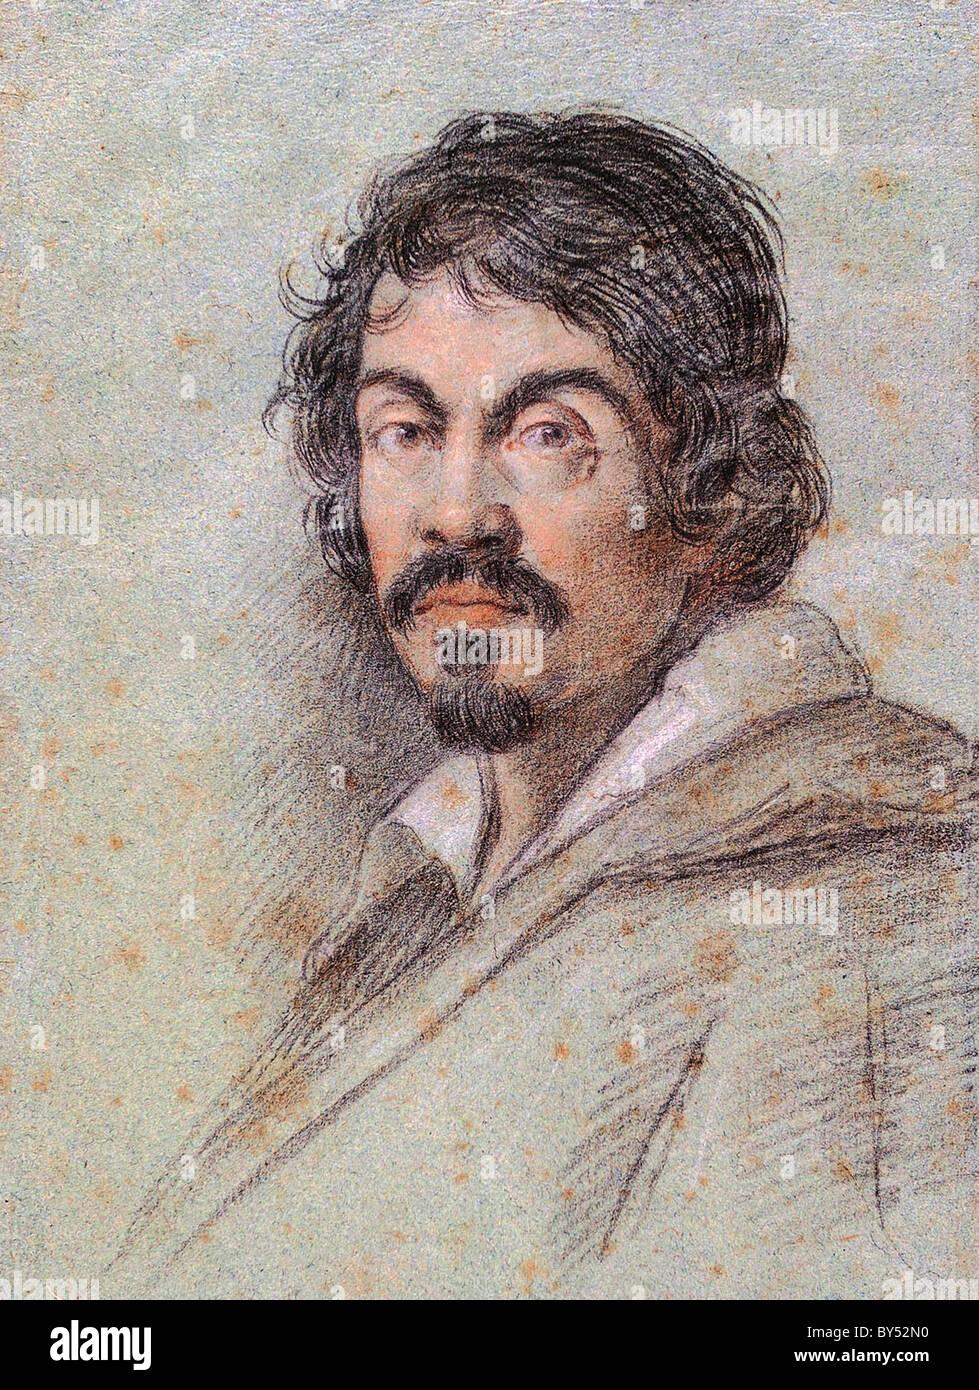 Caravaggio, Michelangelo Merisi da Caravaggio (29 settembre 1571 - 18 luglio 1610) era un artista italiano. Immagini Stock